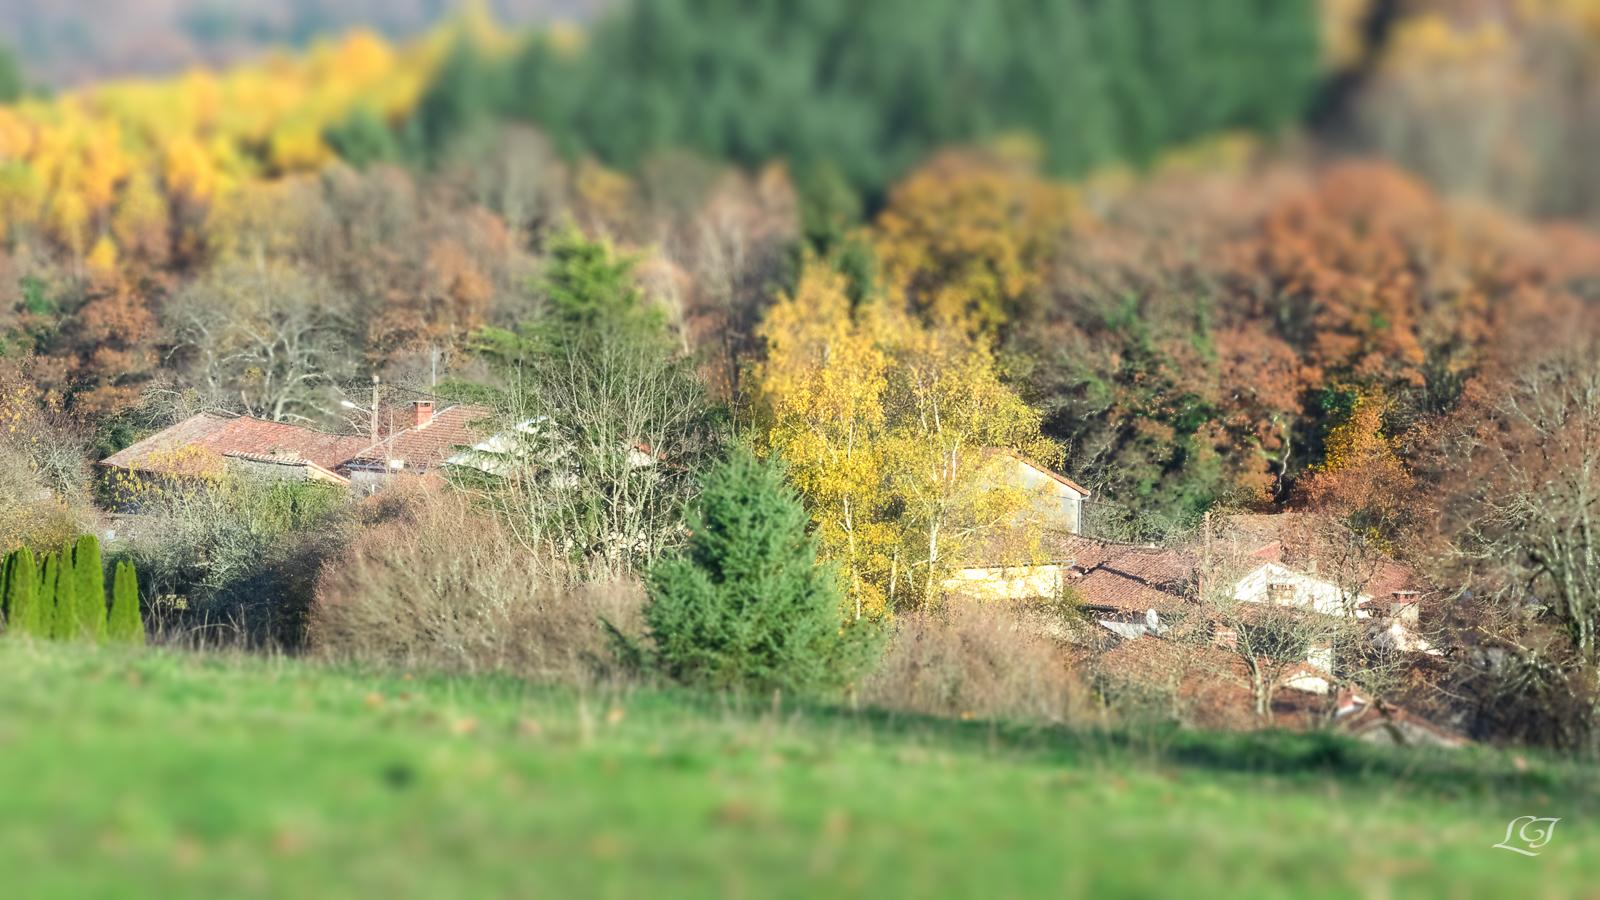 Paysage de St Symphorien sur Couze - photographié par Nathalie Jorland